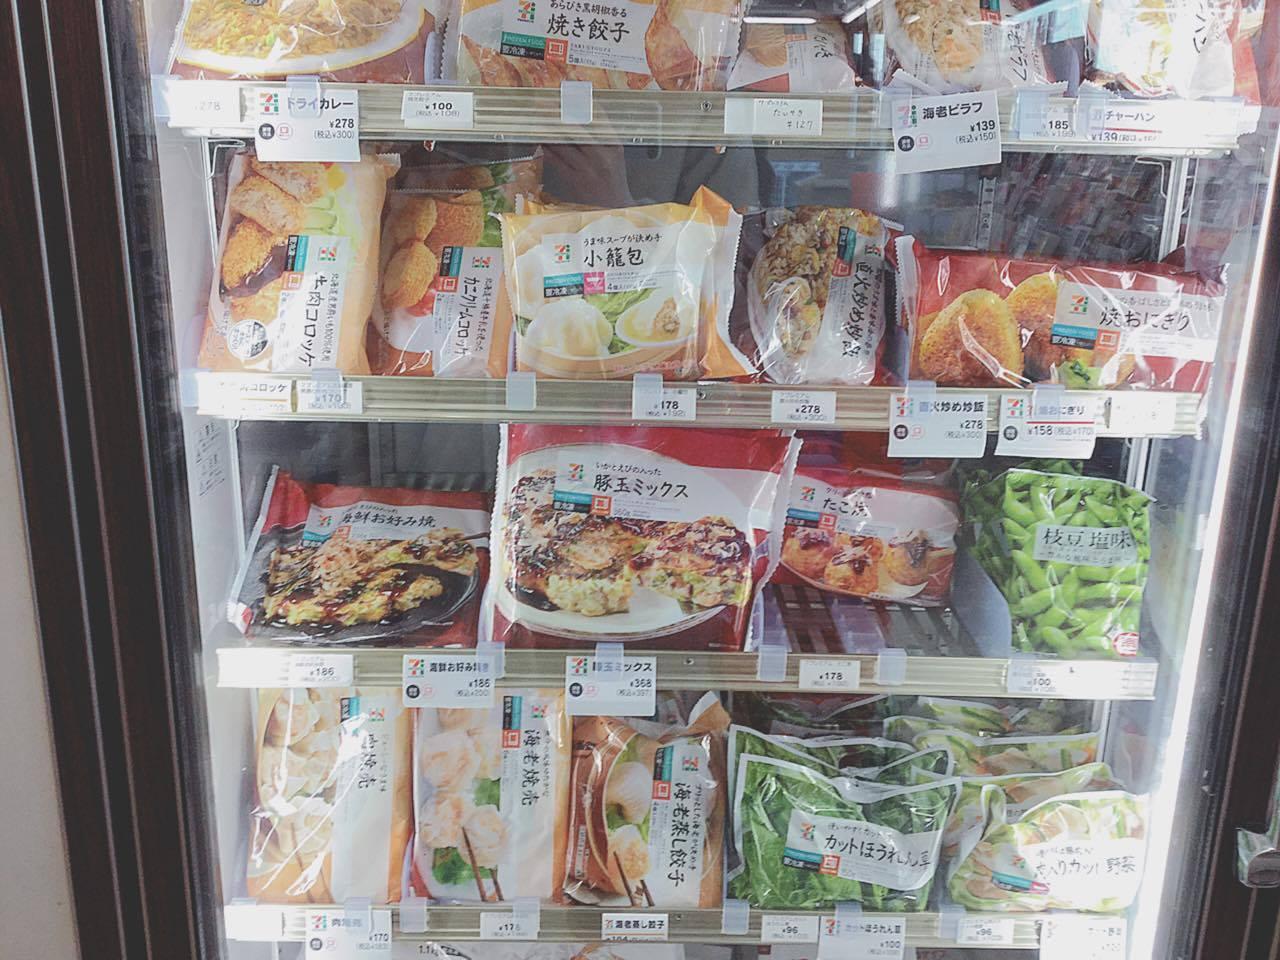 일본편의점-세븐일레븐-냉동식품